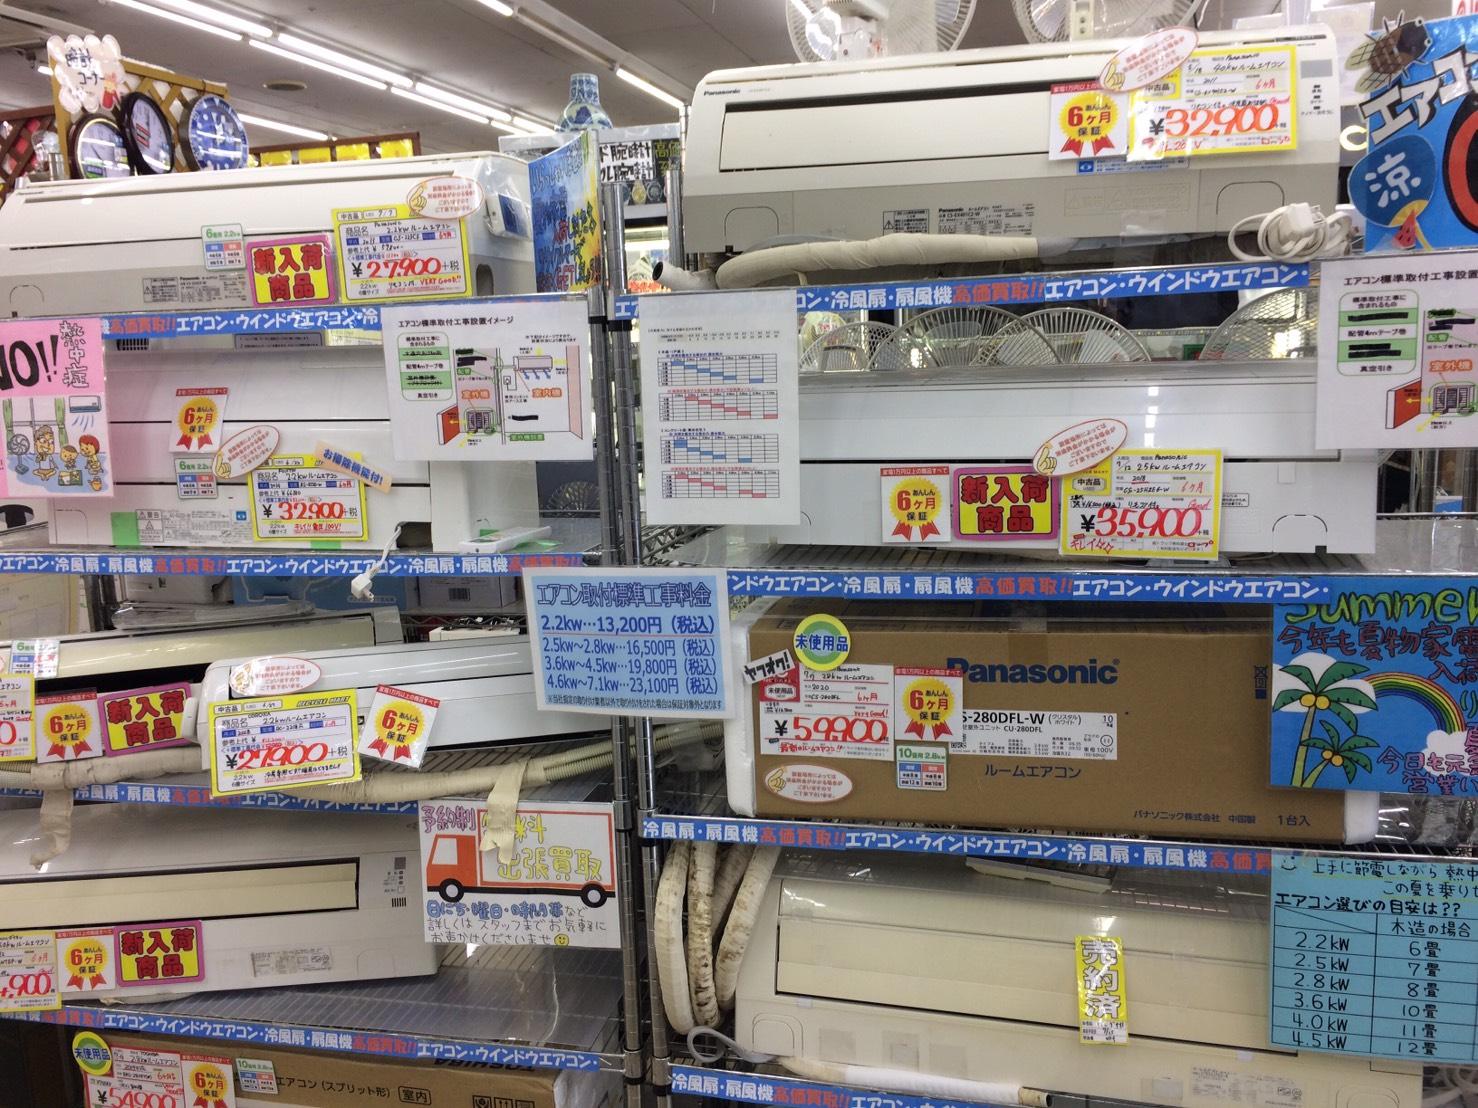 【エアコン大量入荷!!】